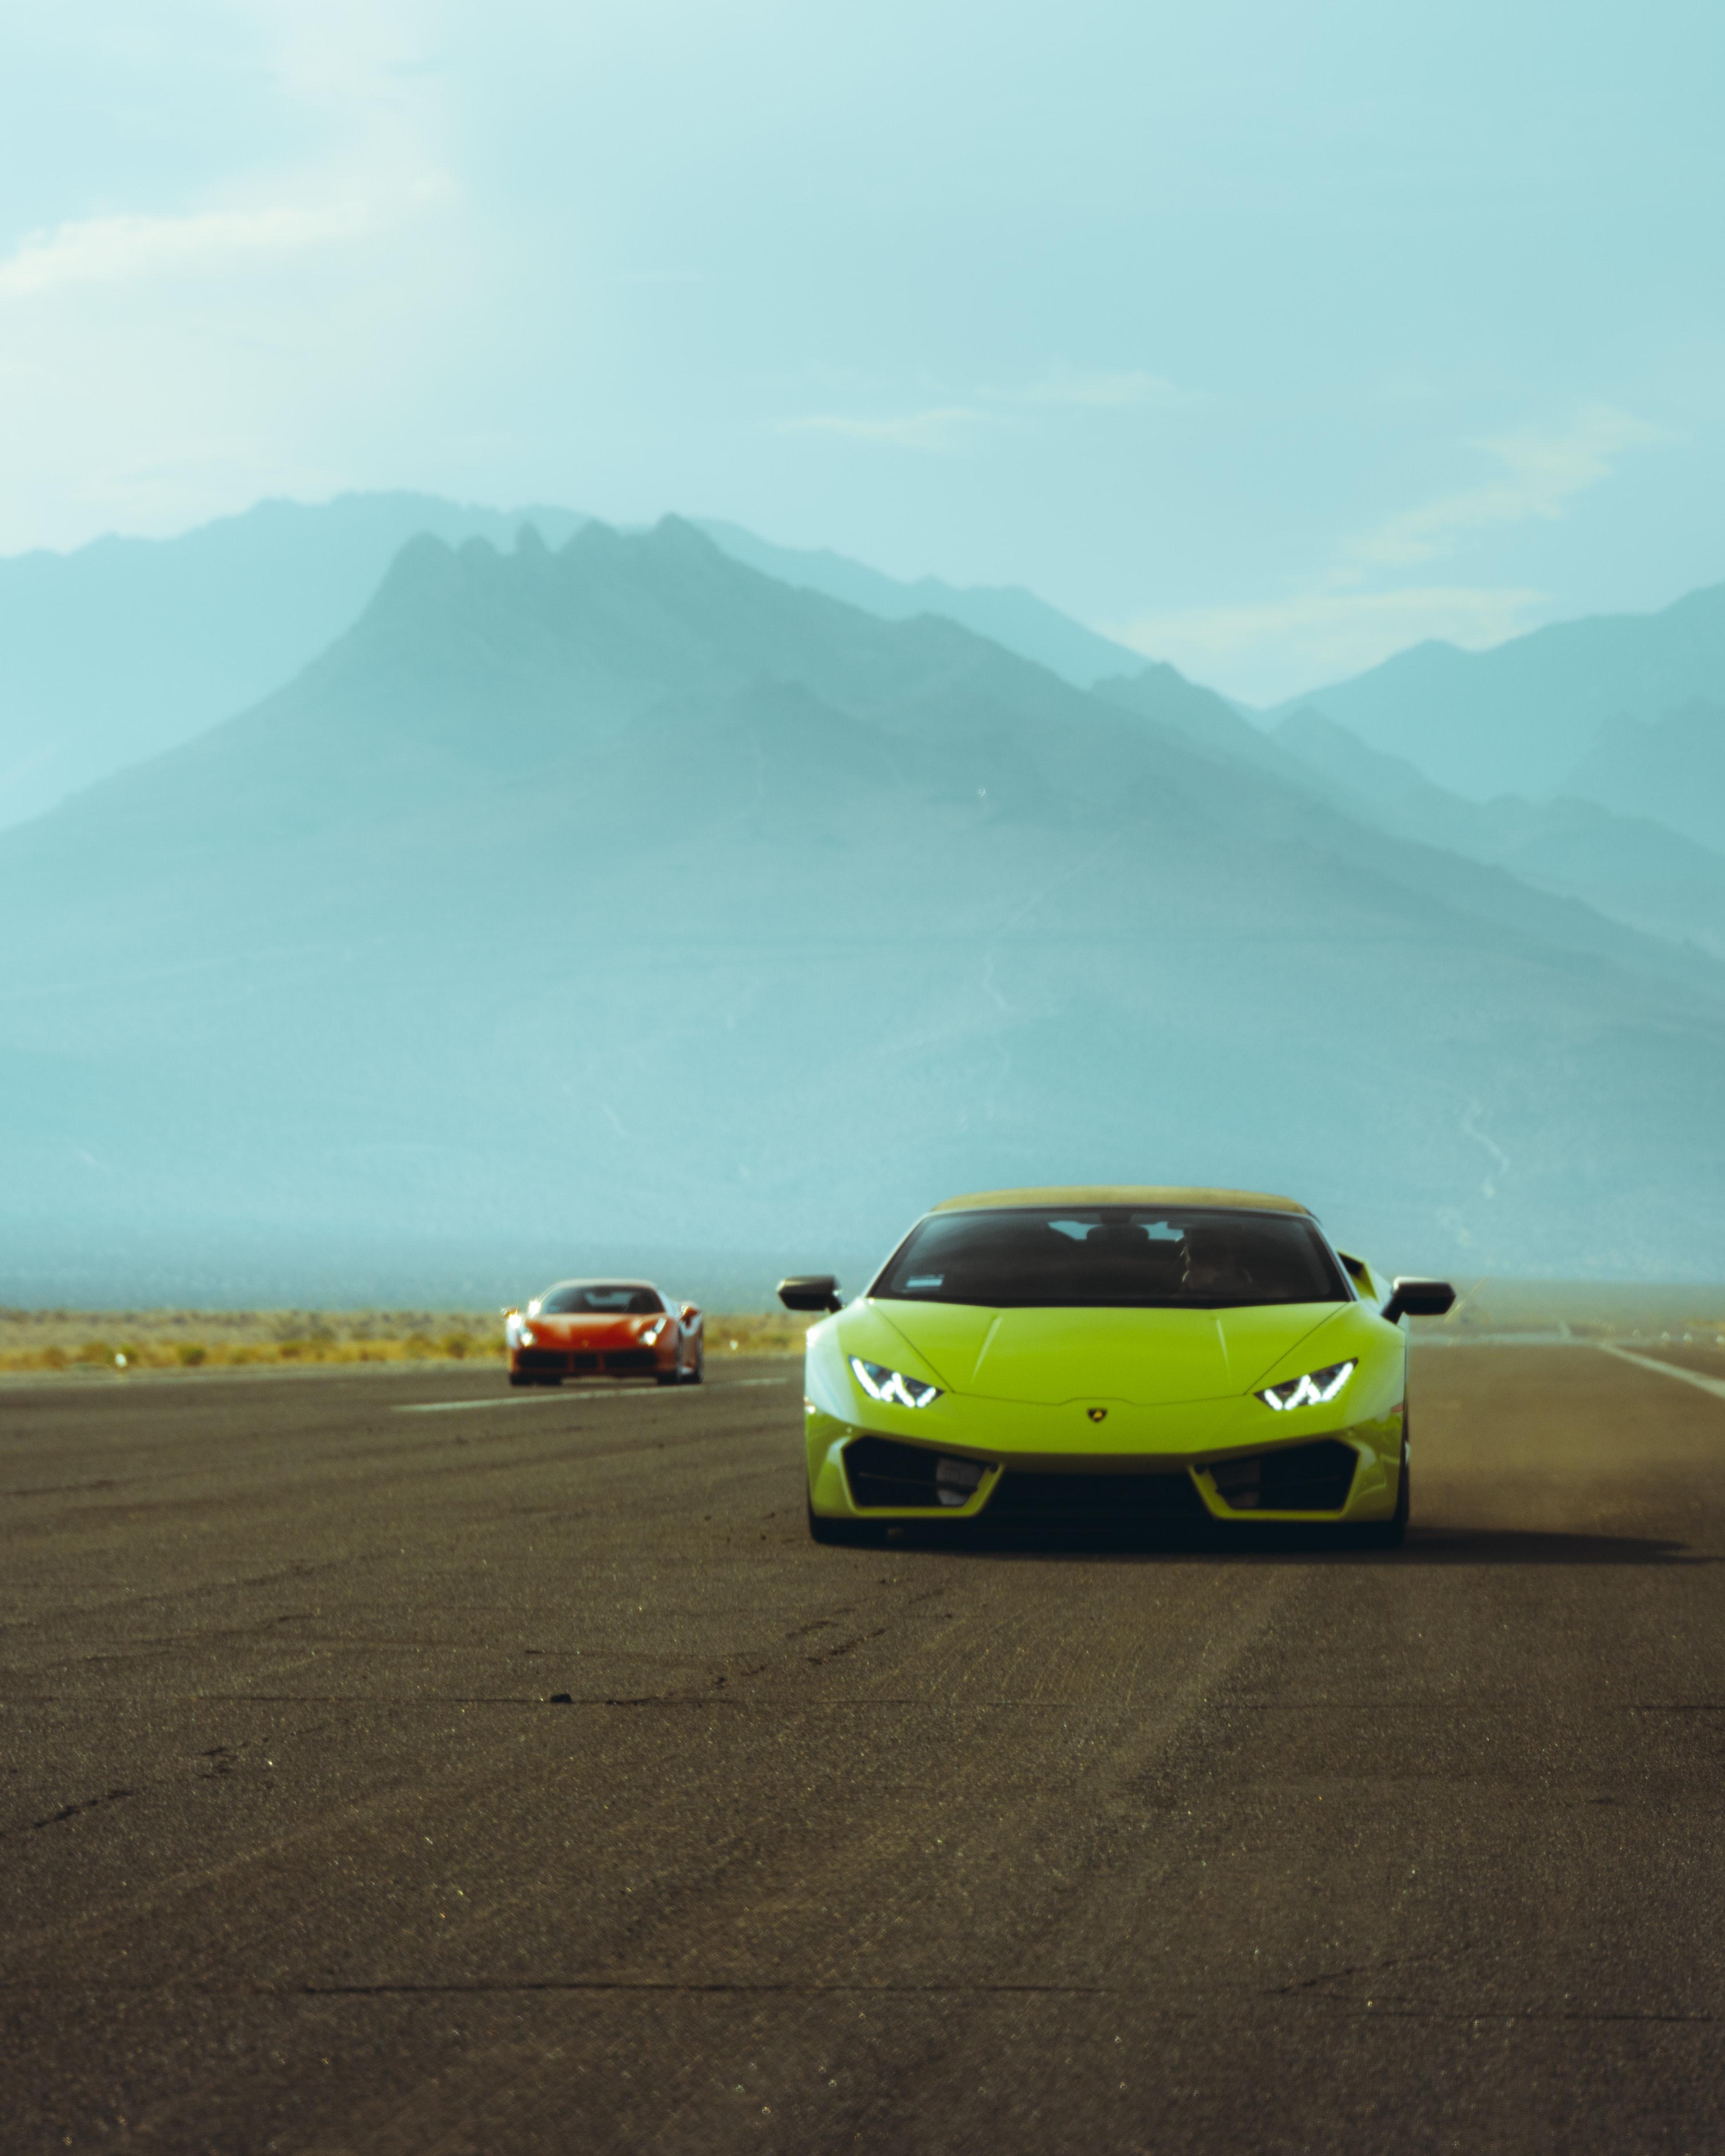 61106 Заставки и Обои Ламборджини (Lamborghini) на телефон. Скачать Ламборджини (Lamborghini), Тачки (Cars), Дорога, Автомобиль, Зеленый, Lamborghini Huracan картинки бесплатно